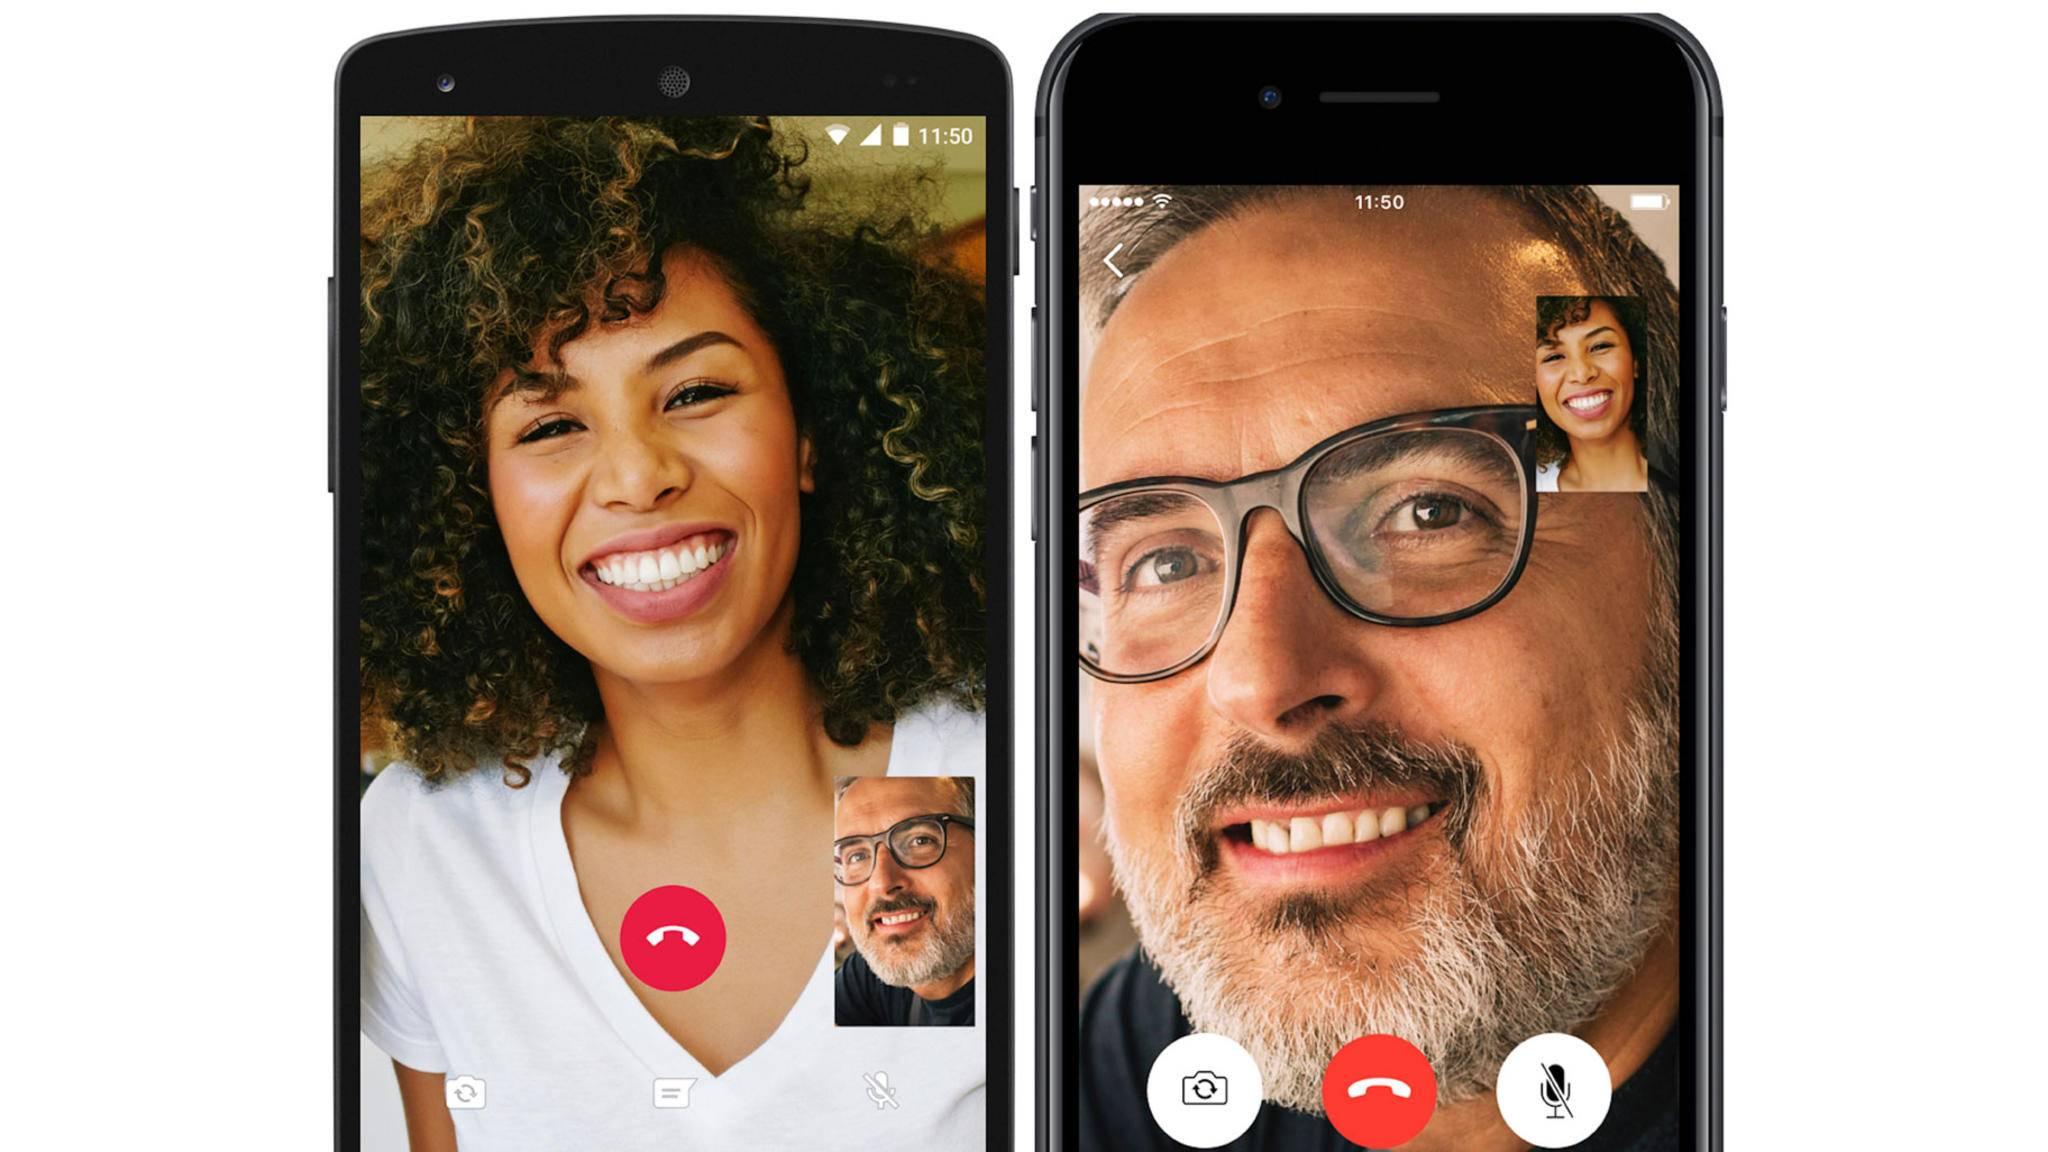 WhatsApp unterstützt ab sofort auch Videotelefonie.